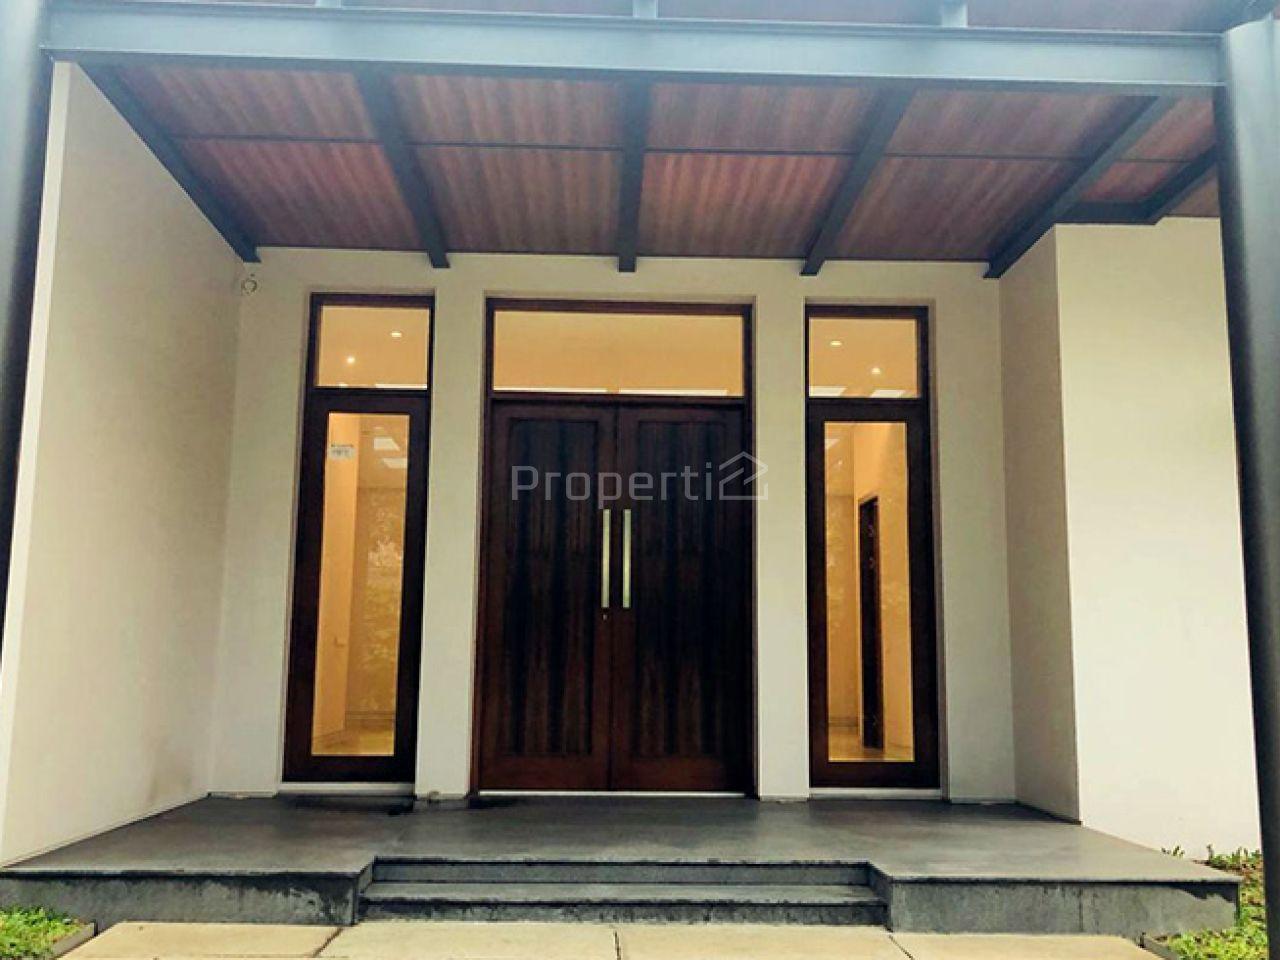 Rumah Mewah Baru dengan Taman Luas di Area Utama Cipaganti, Jawa Barat